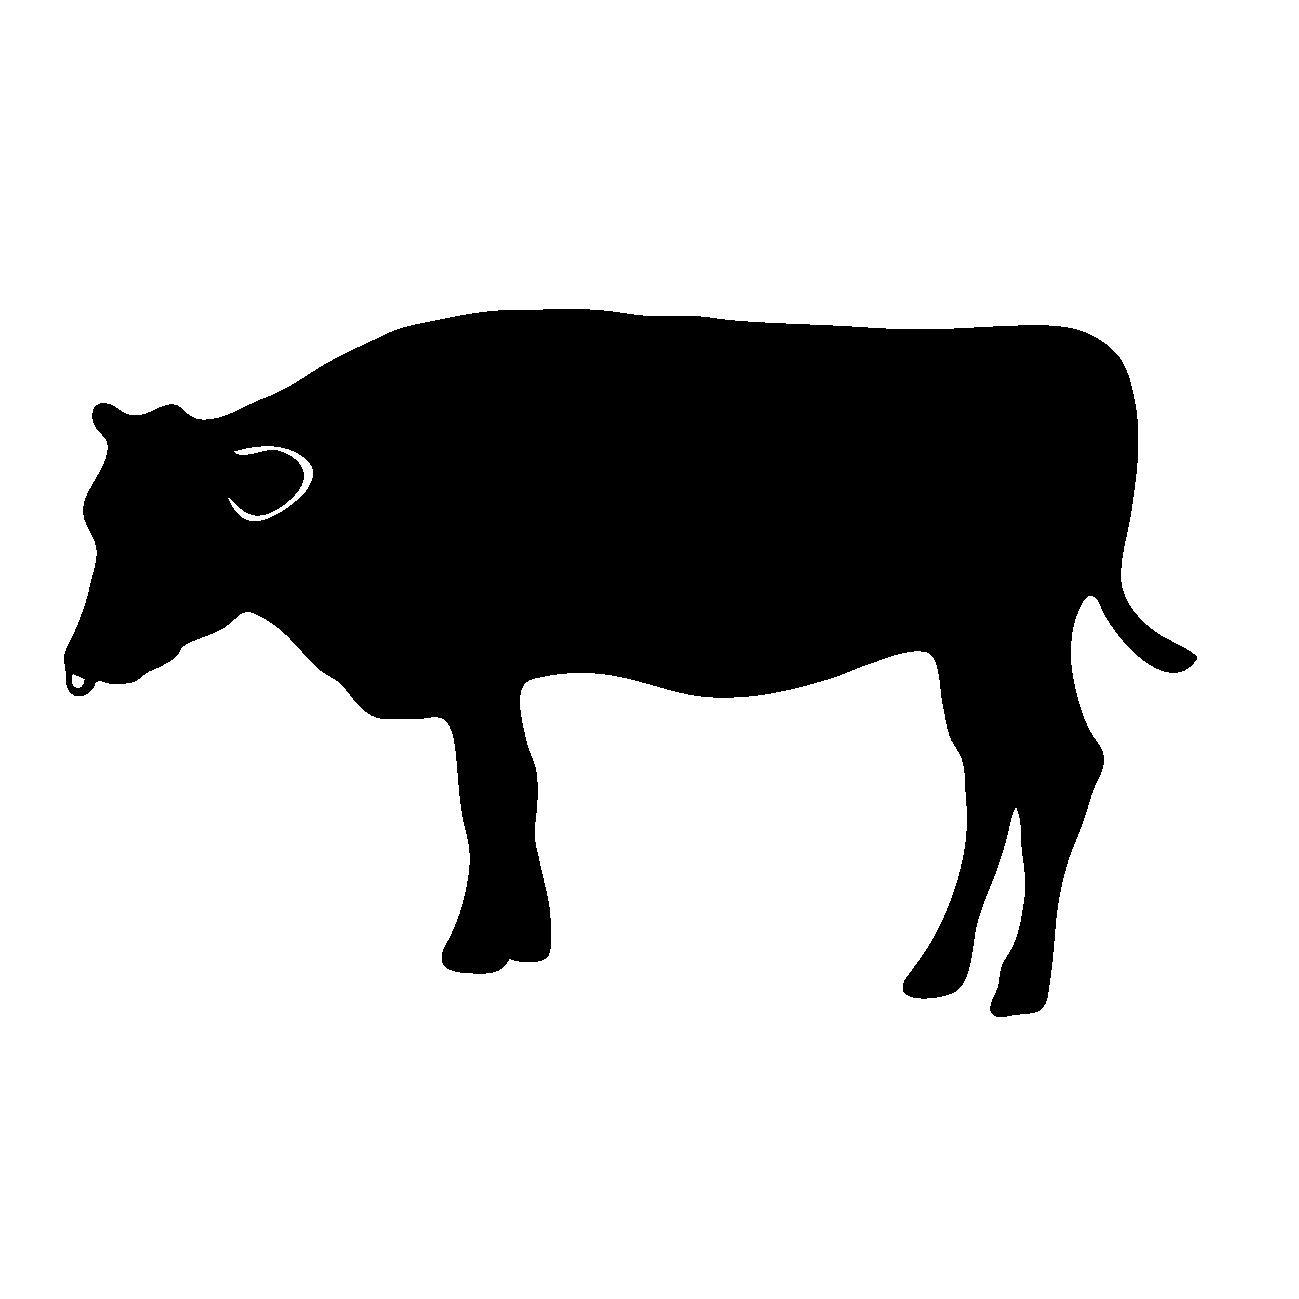 牛は6人では運べない?-高知大学で起こった奇妙な牛盗難事件